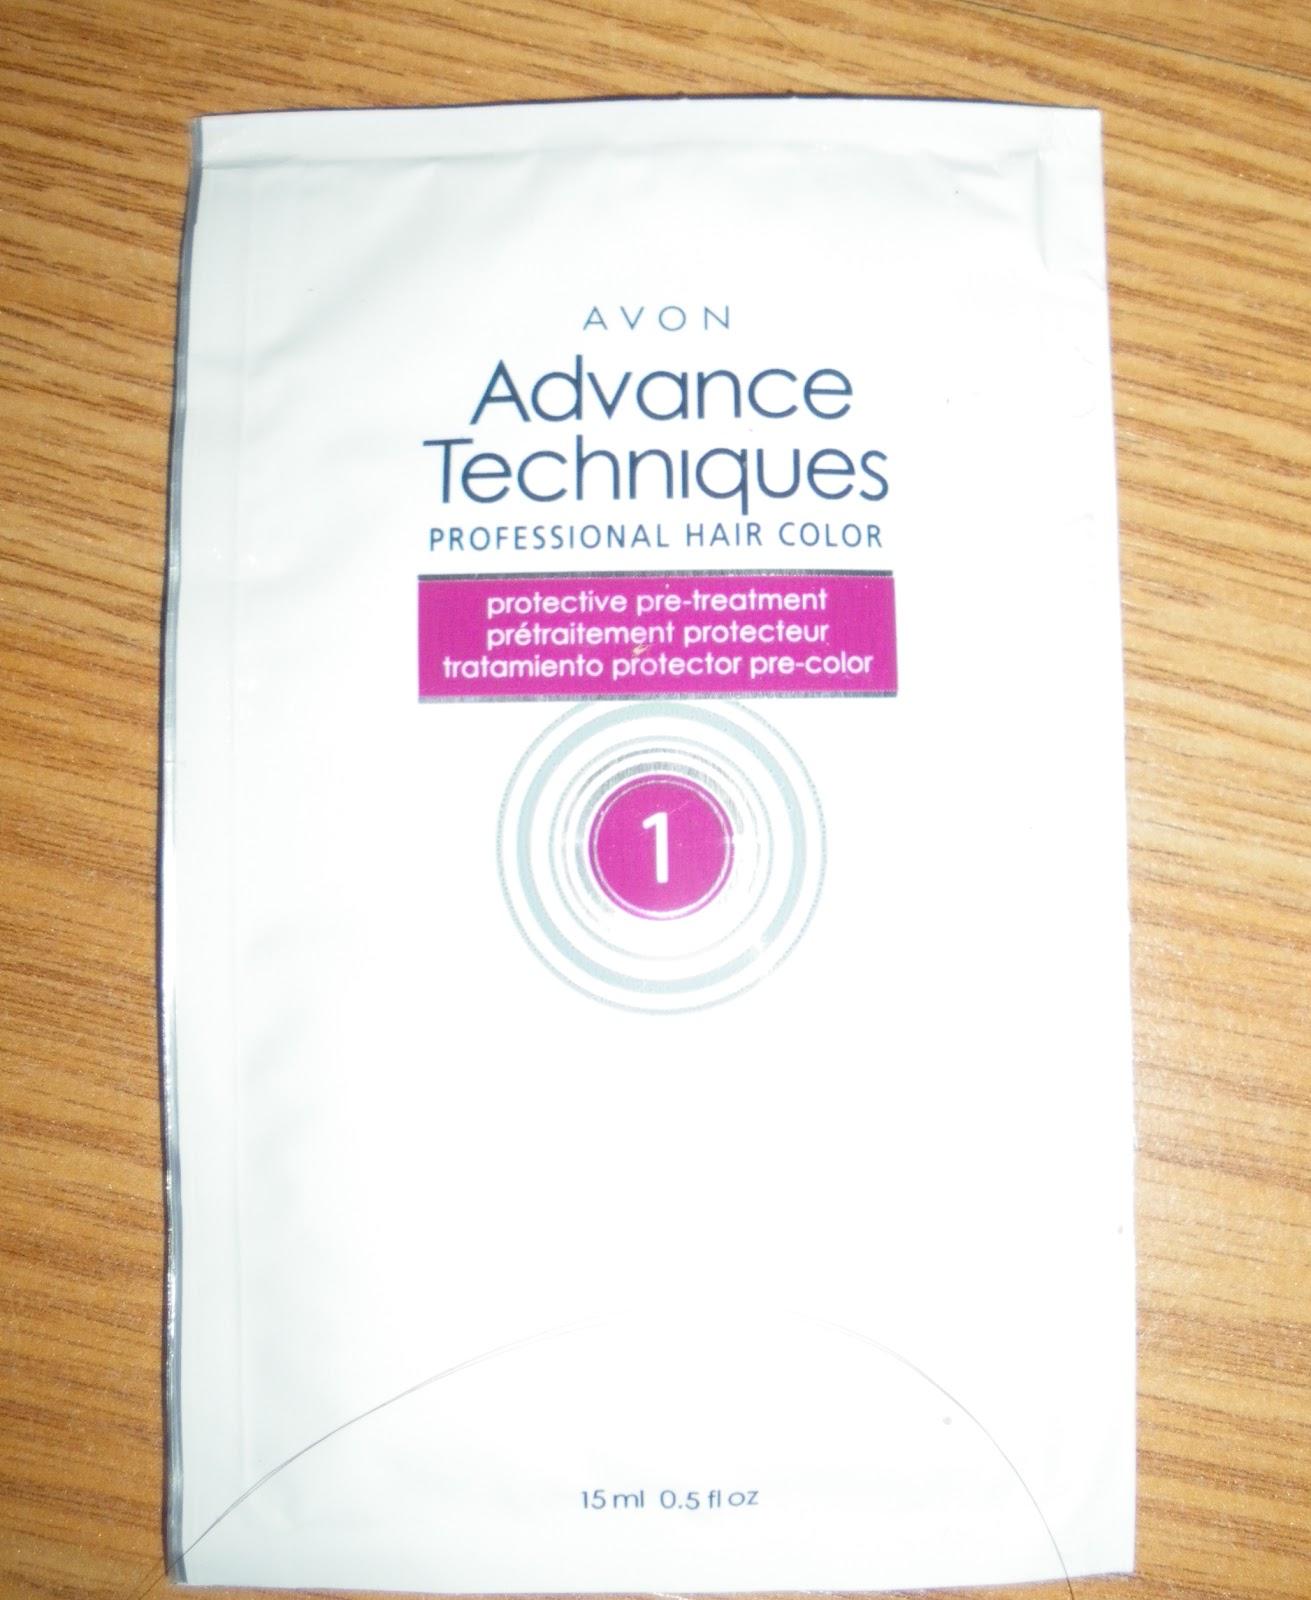 Jovilicious: Avon Advance Techniques Professional Hair Color ...